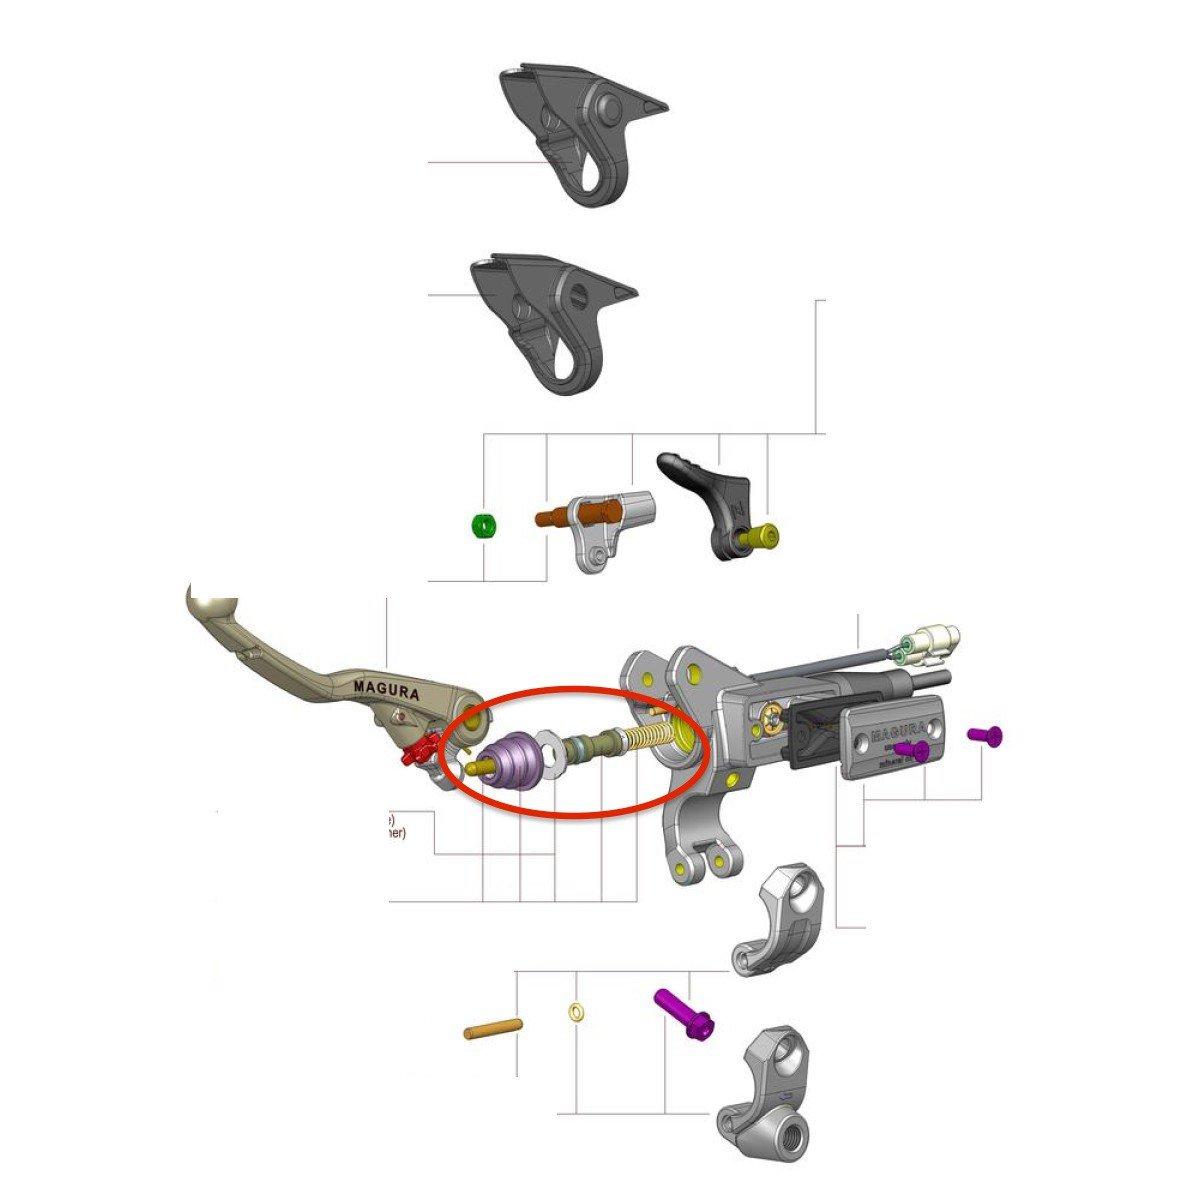 Kit Reparation De Maitre-Cylindre Magura 9.5Mm Pour Hymec 167: Amazon.es: Juguetes y juegos